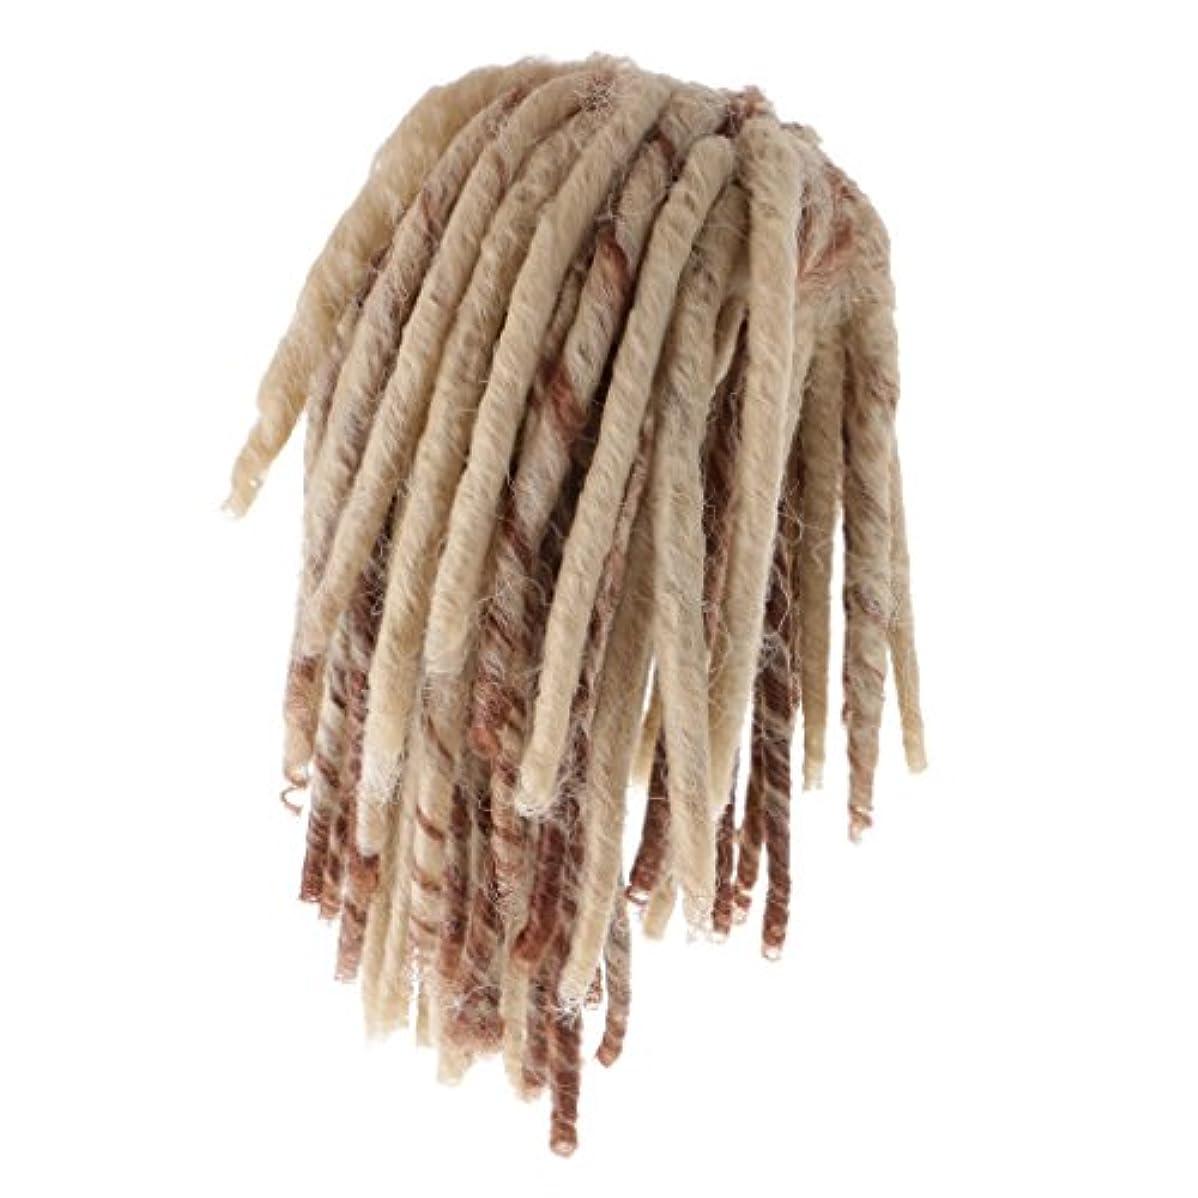 言語ストライプ無謀Dovewill 人形用ウィッグ  ドレッドかつら  カーリー かつら  髪 ヘア 18インチドール用  DIY修理用品  全2色  - ブラウン